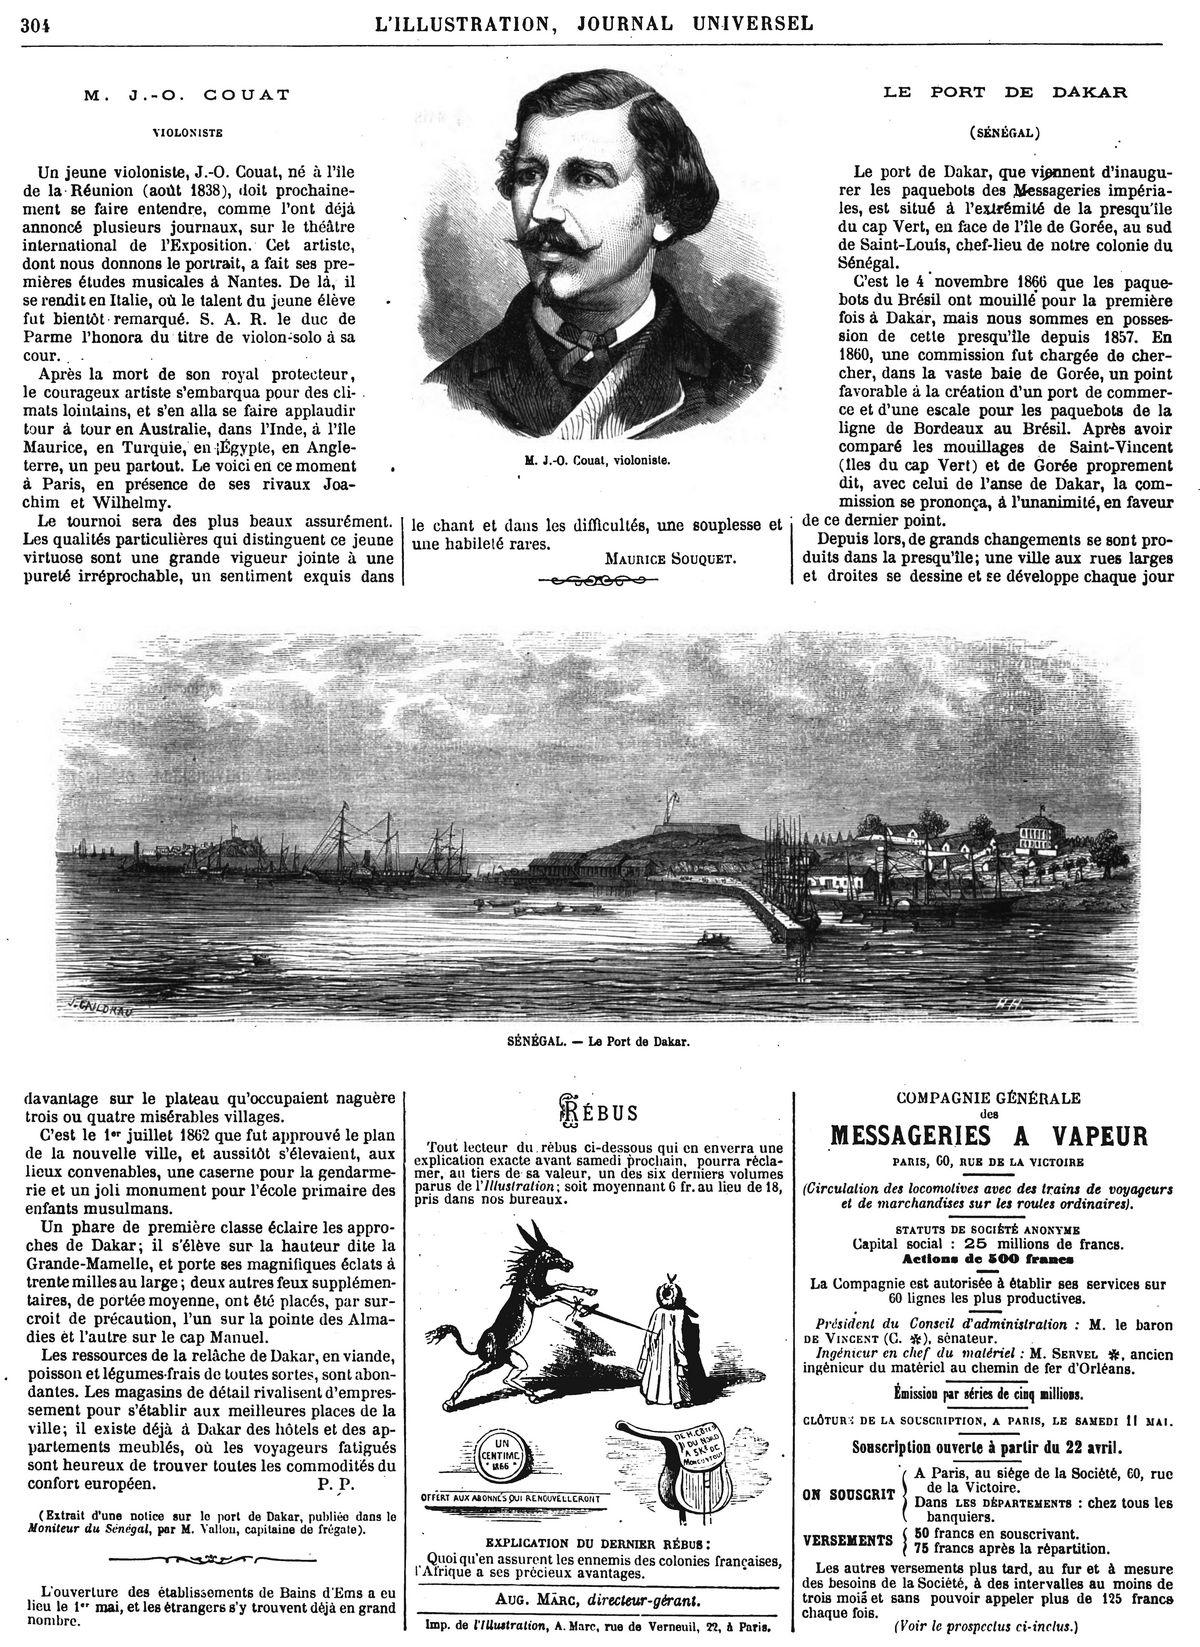 SÉNÉGAL. - Le Port de Dakar. 1867